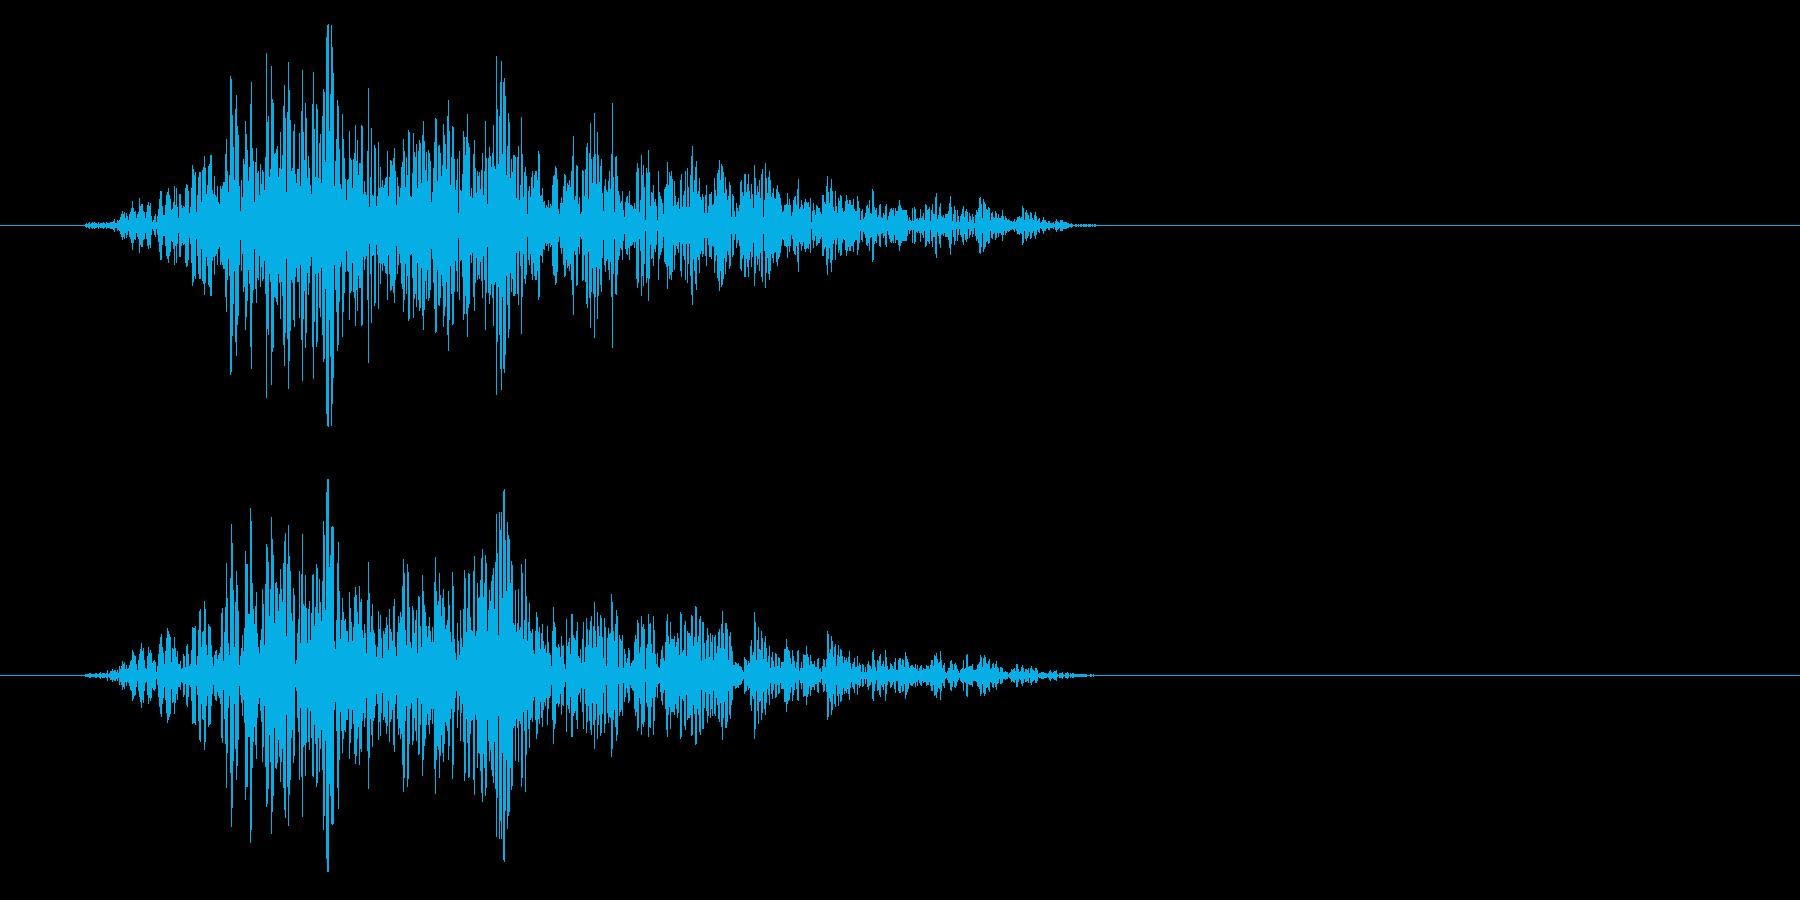 シュパっ、という風を切る効果音の再生済みの波形